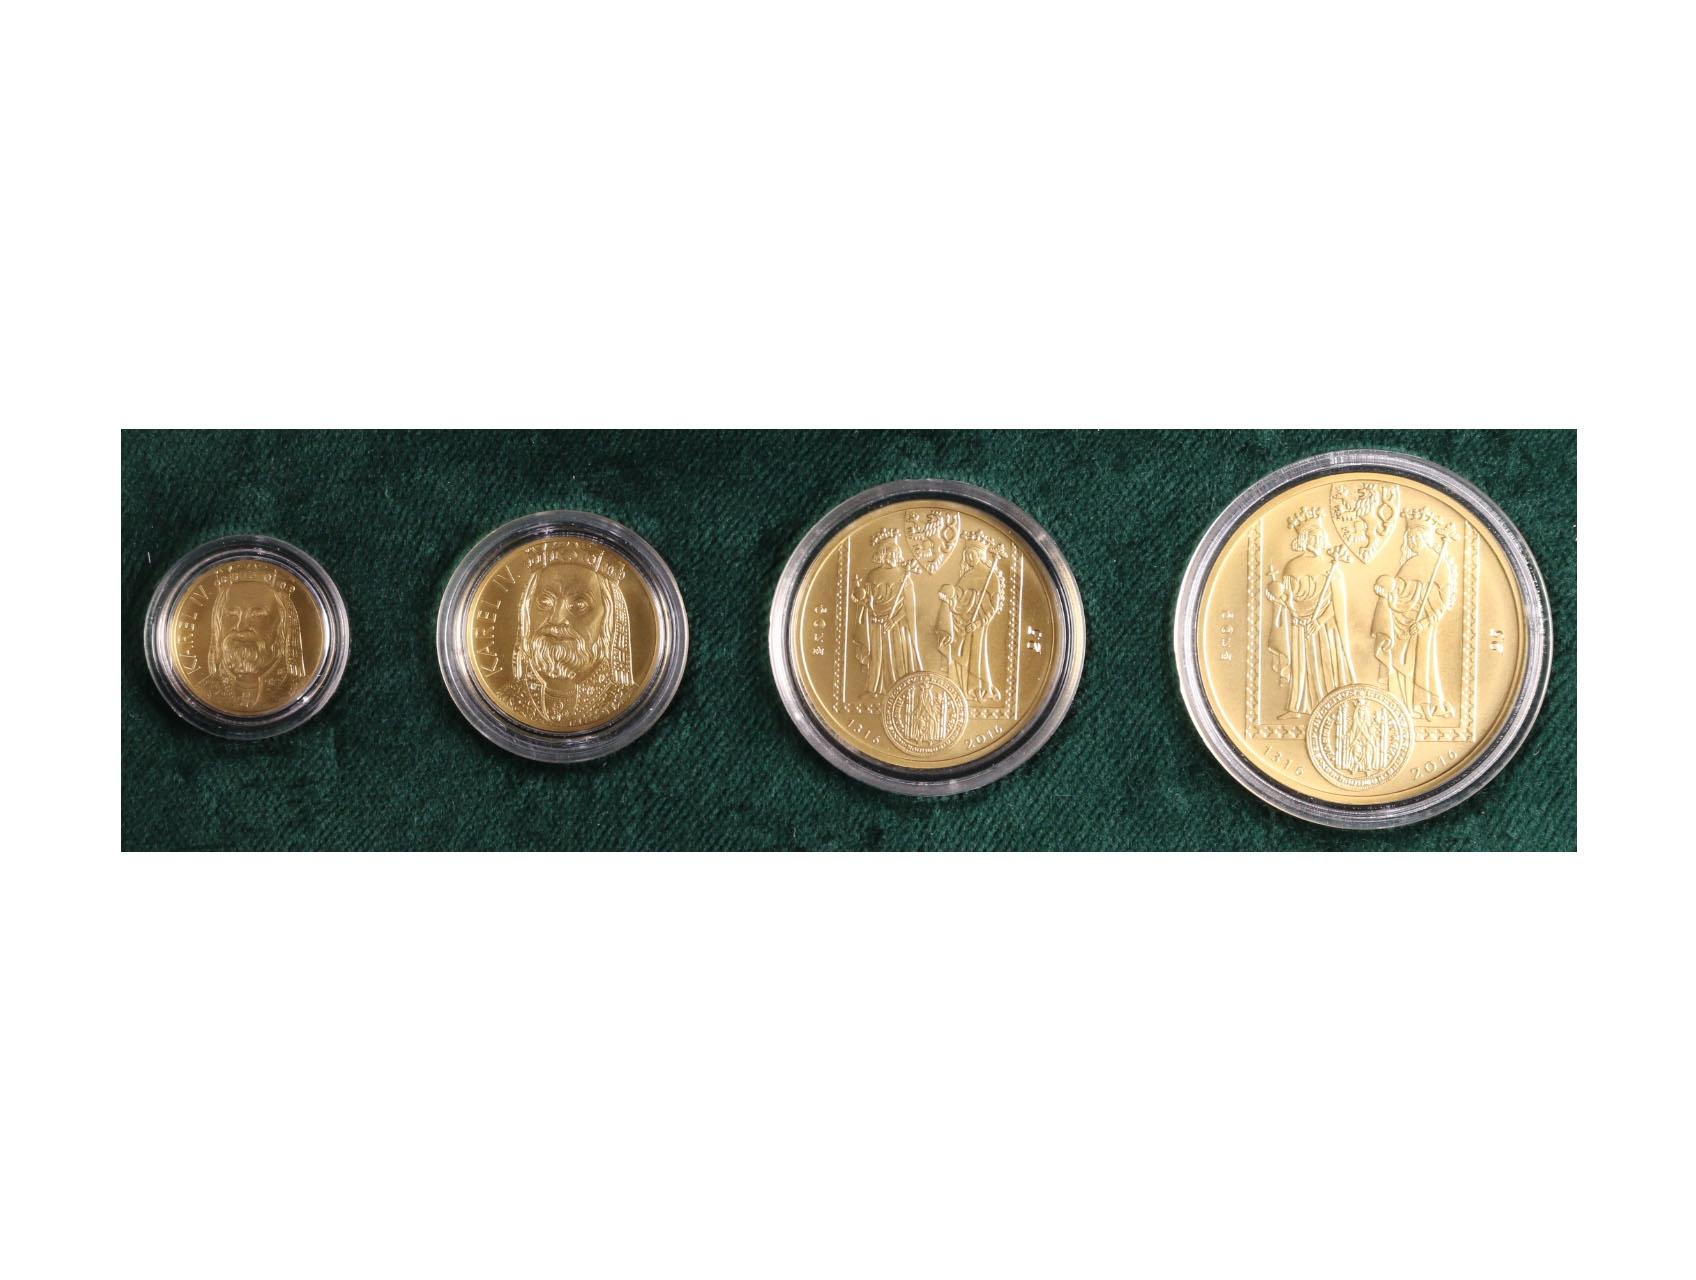 2016, Česká mincovna, zlaté medaile Karel IV. Dukátová řada 1 + 2 + 5 + 10 dukát, Au 0,986, 62,82g, náklad 40 ks, číslované č. 25, společná luxusní etue, certifikát podepsaný autory Fojtů a Němečková, 2x průvodní dokumentační kniha